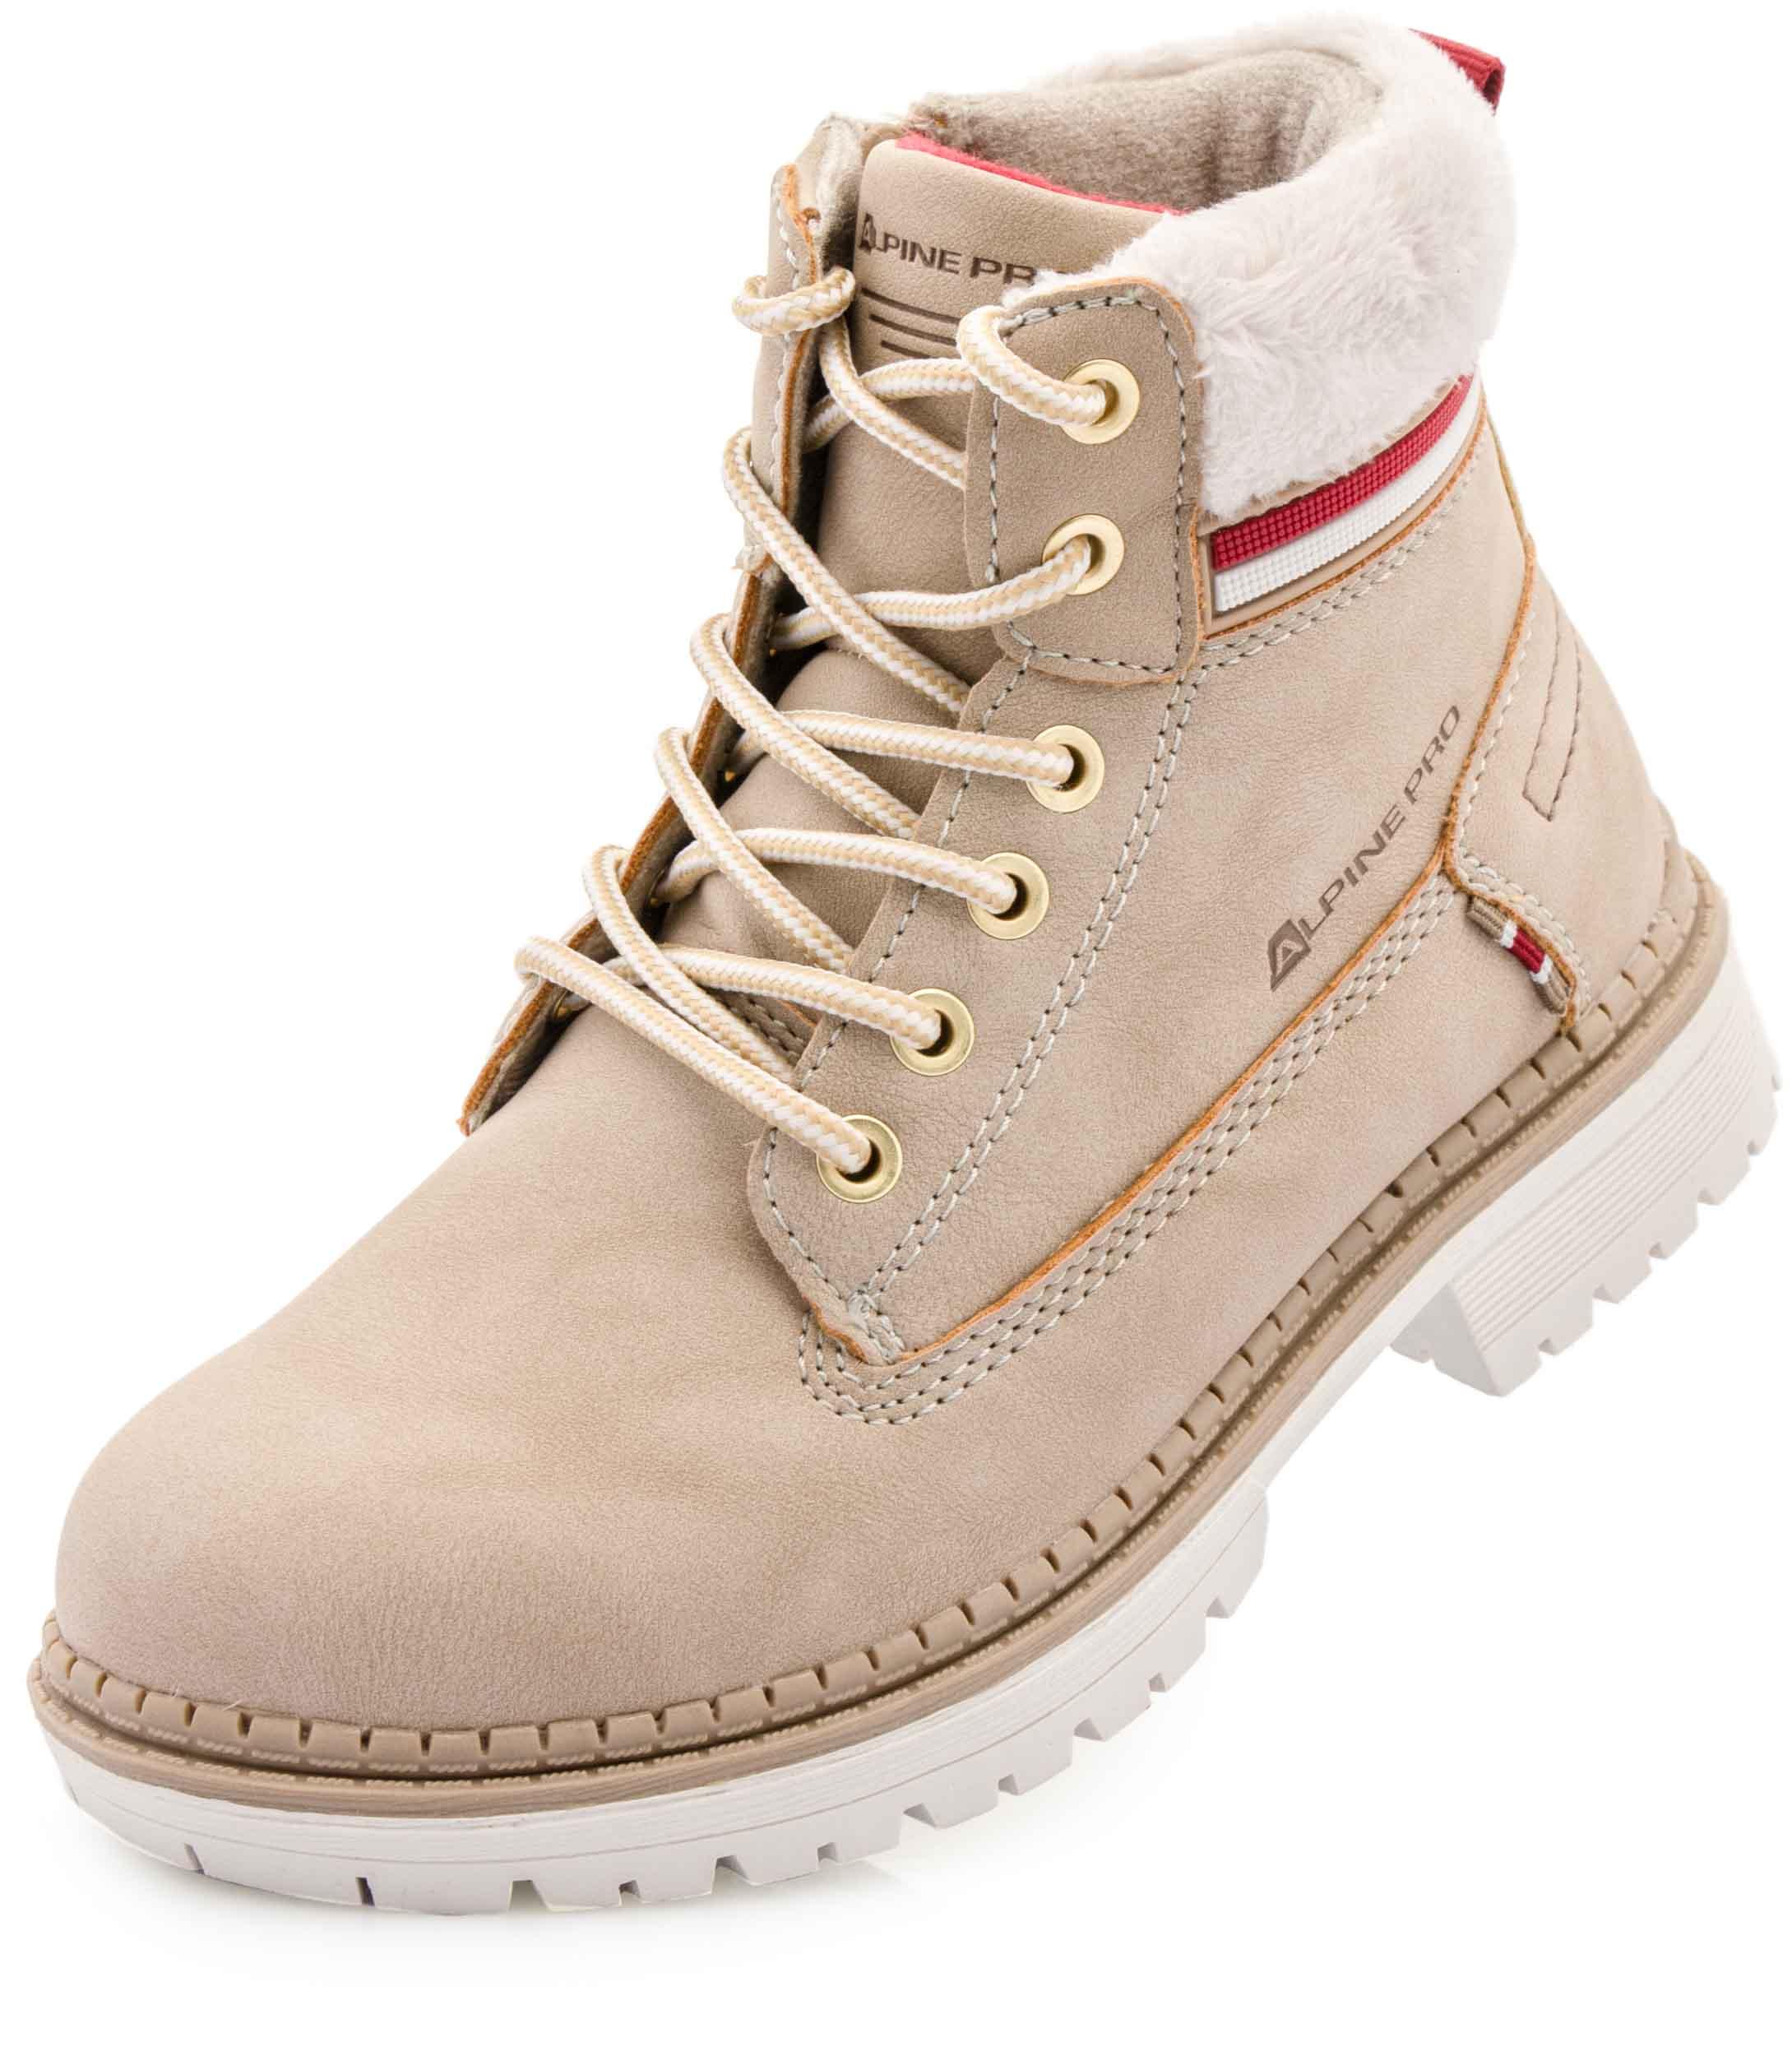 Dětská obuv Alpine Pro Fewro